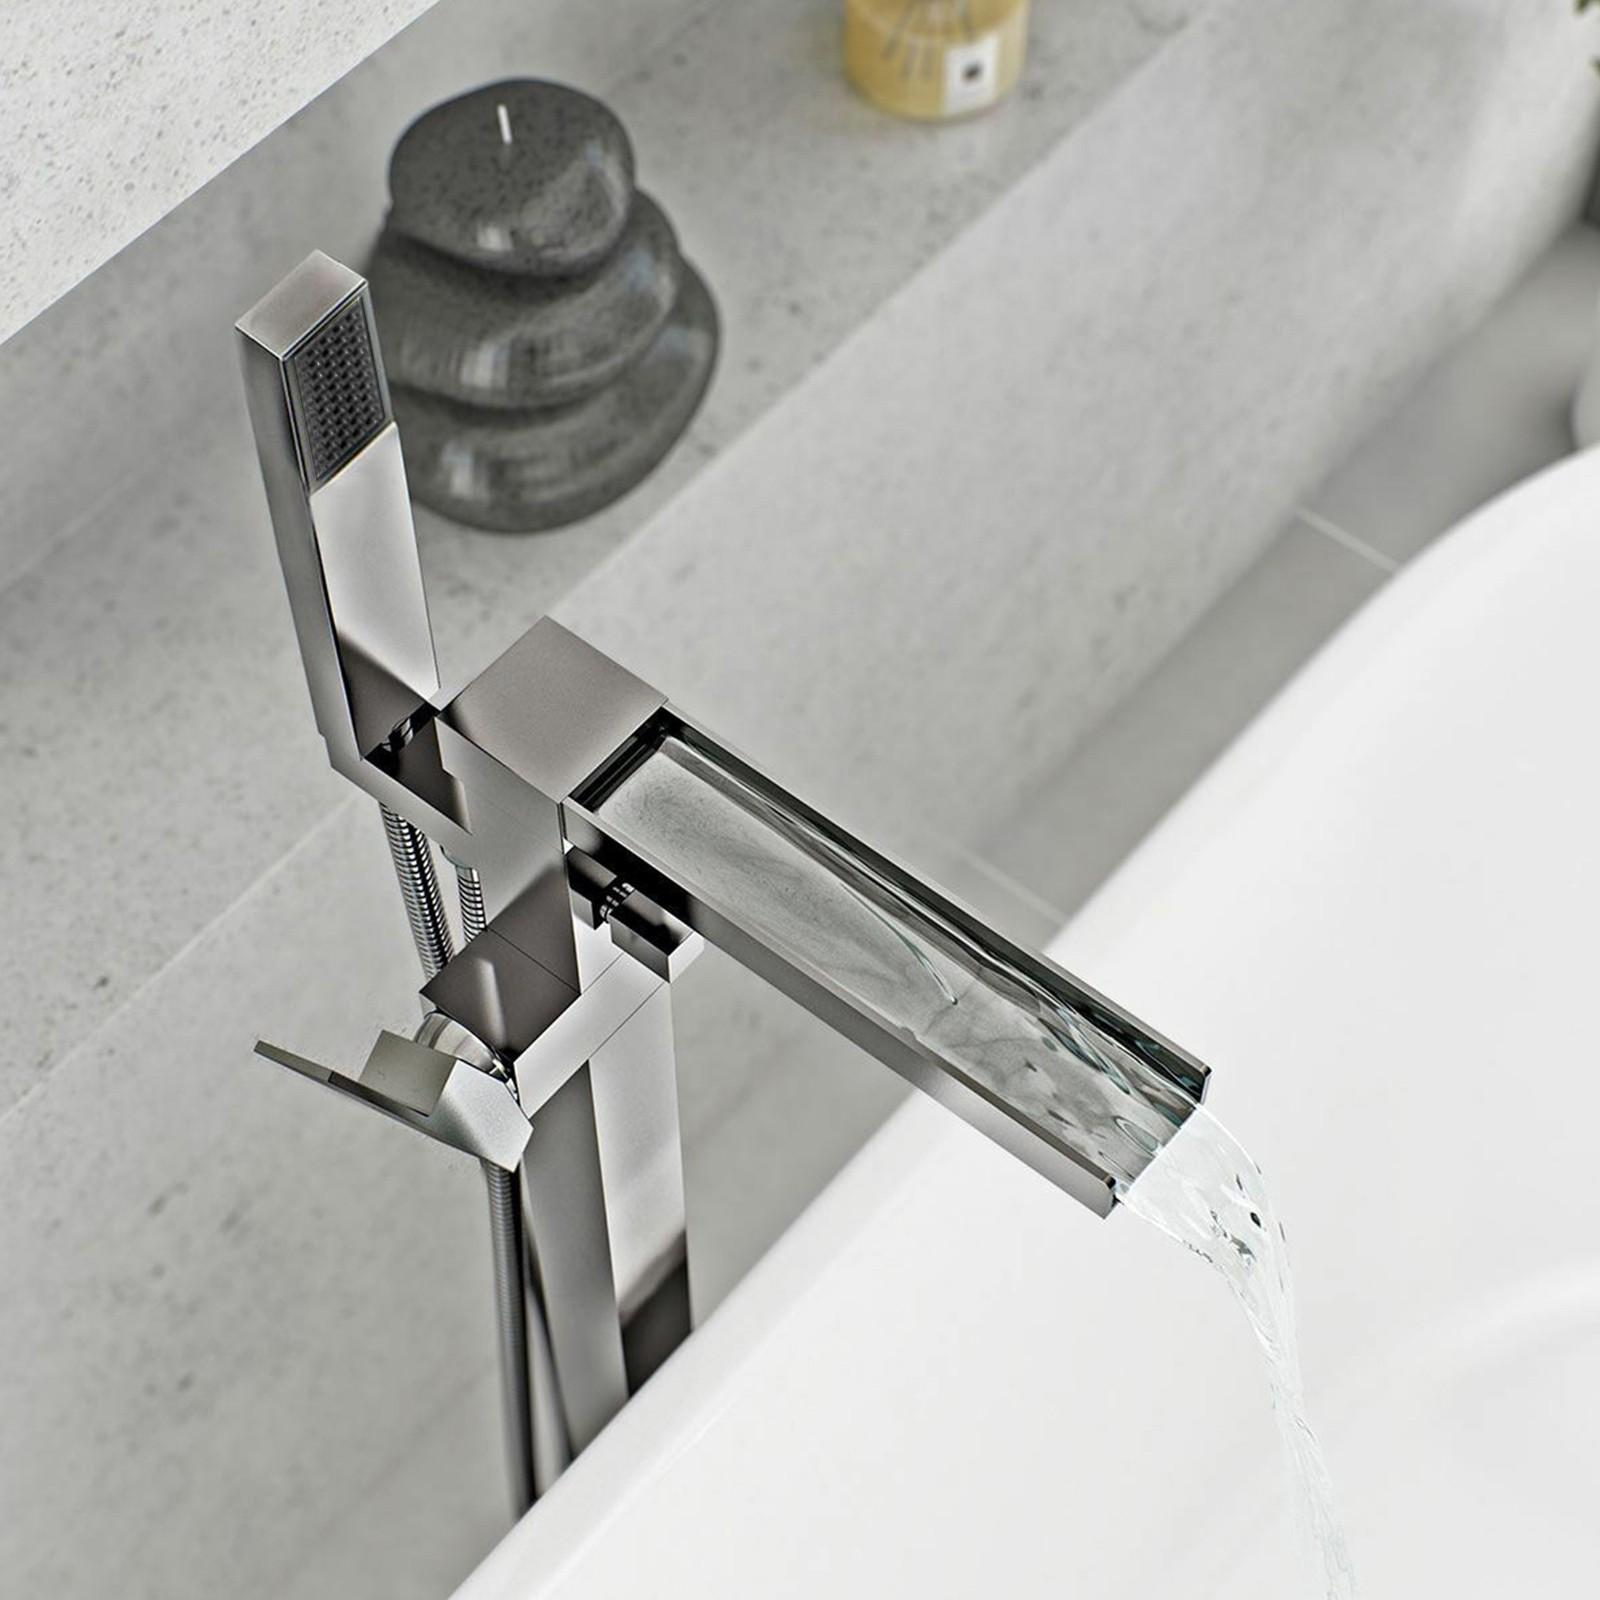 Kensington Freestanding Tap Fs07 Bathroom House